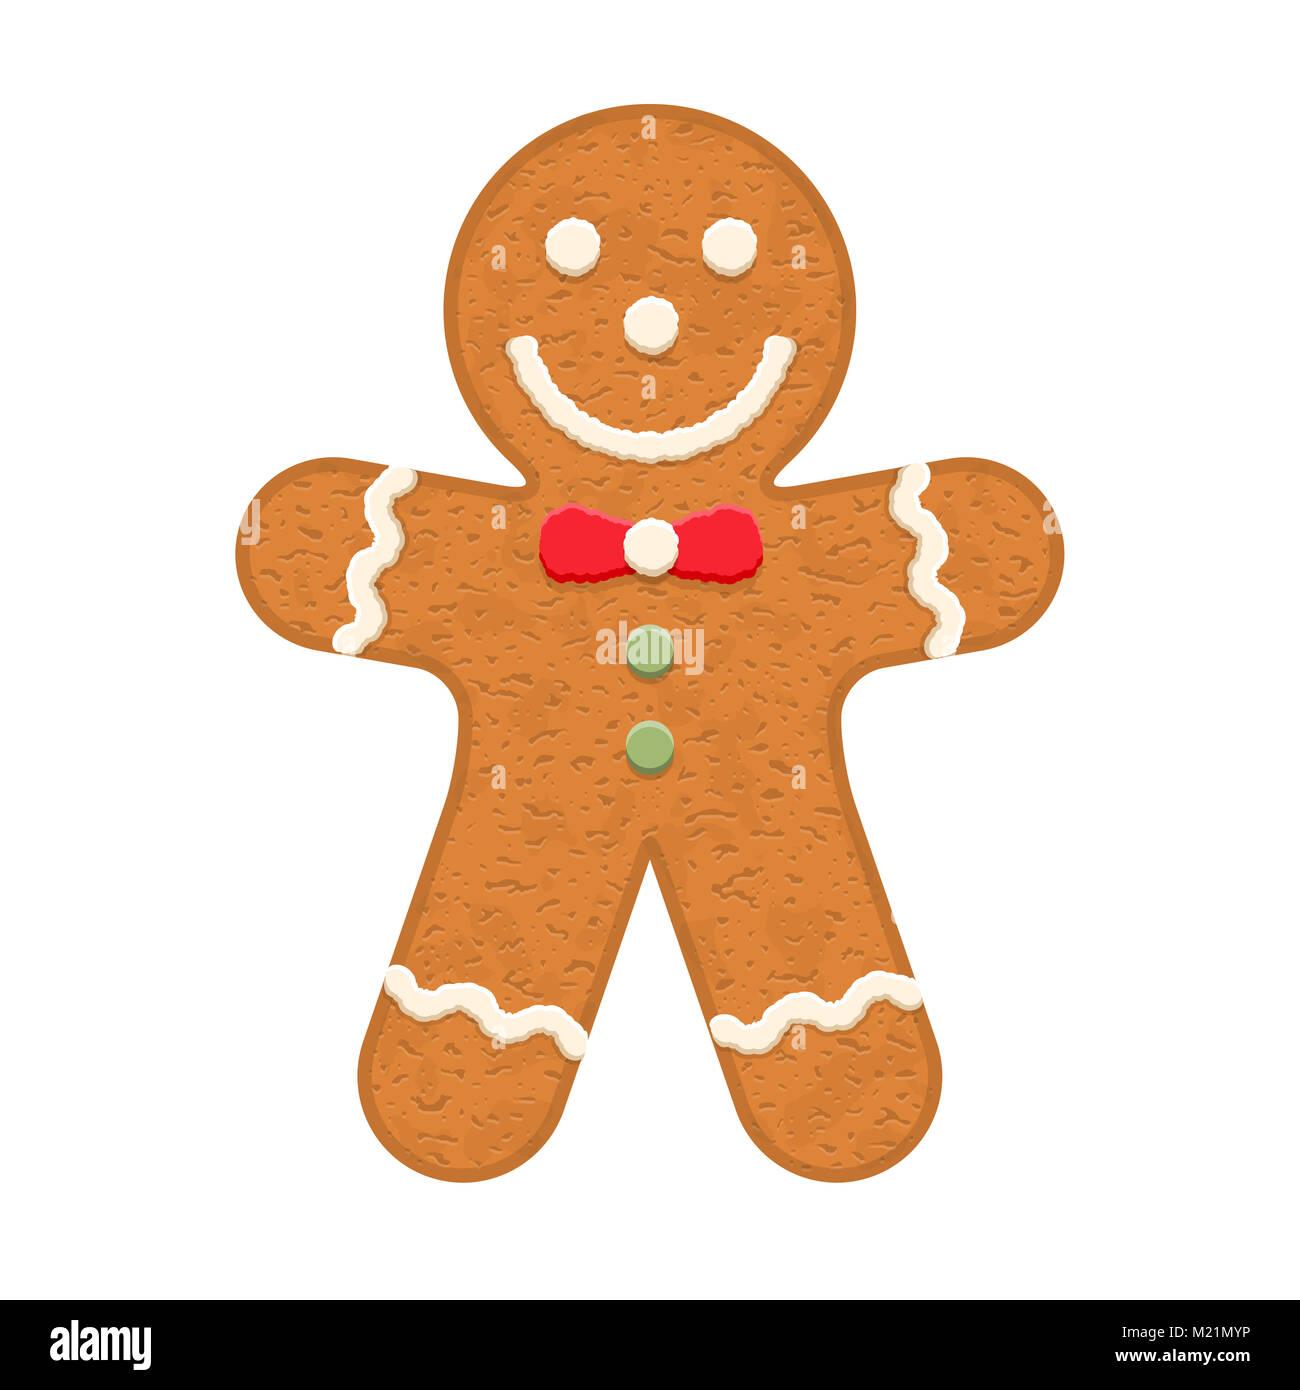 Gingerbread Man, tradizionali biscotti di Natale, vettoriale EPS10 illustrazione Immagini Stock